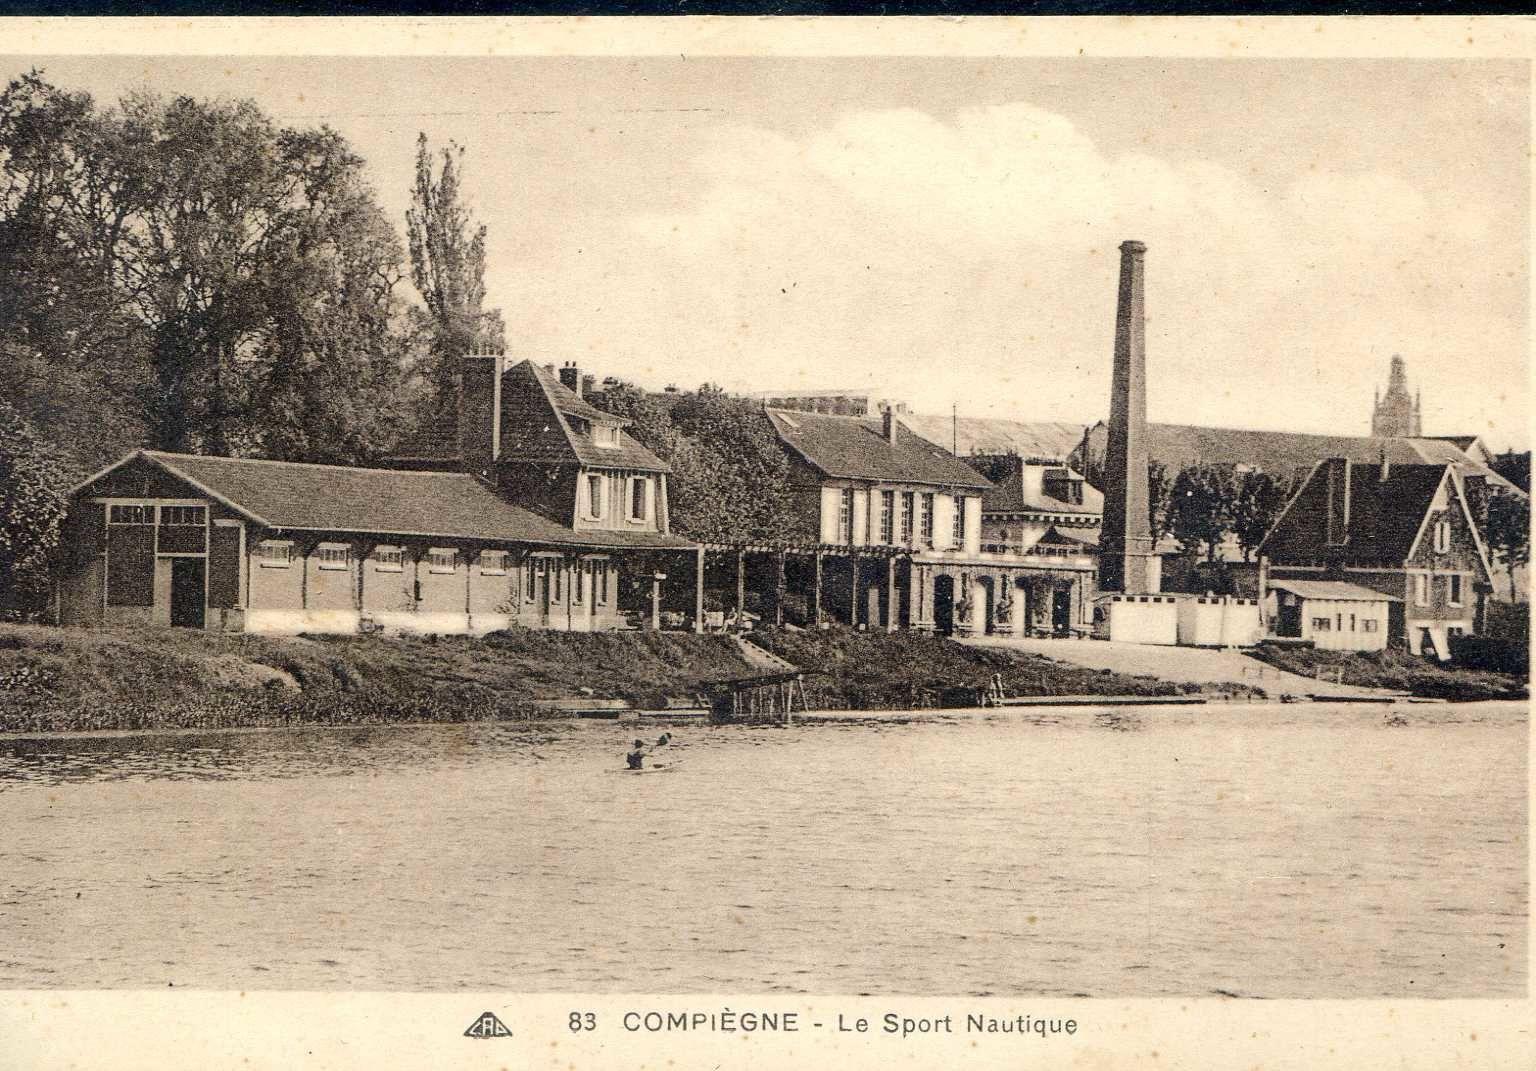 Album - la ville de Compiegne (Oise), les activités sportives, la piscine, le sport nautique